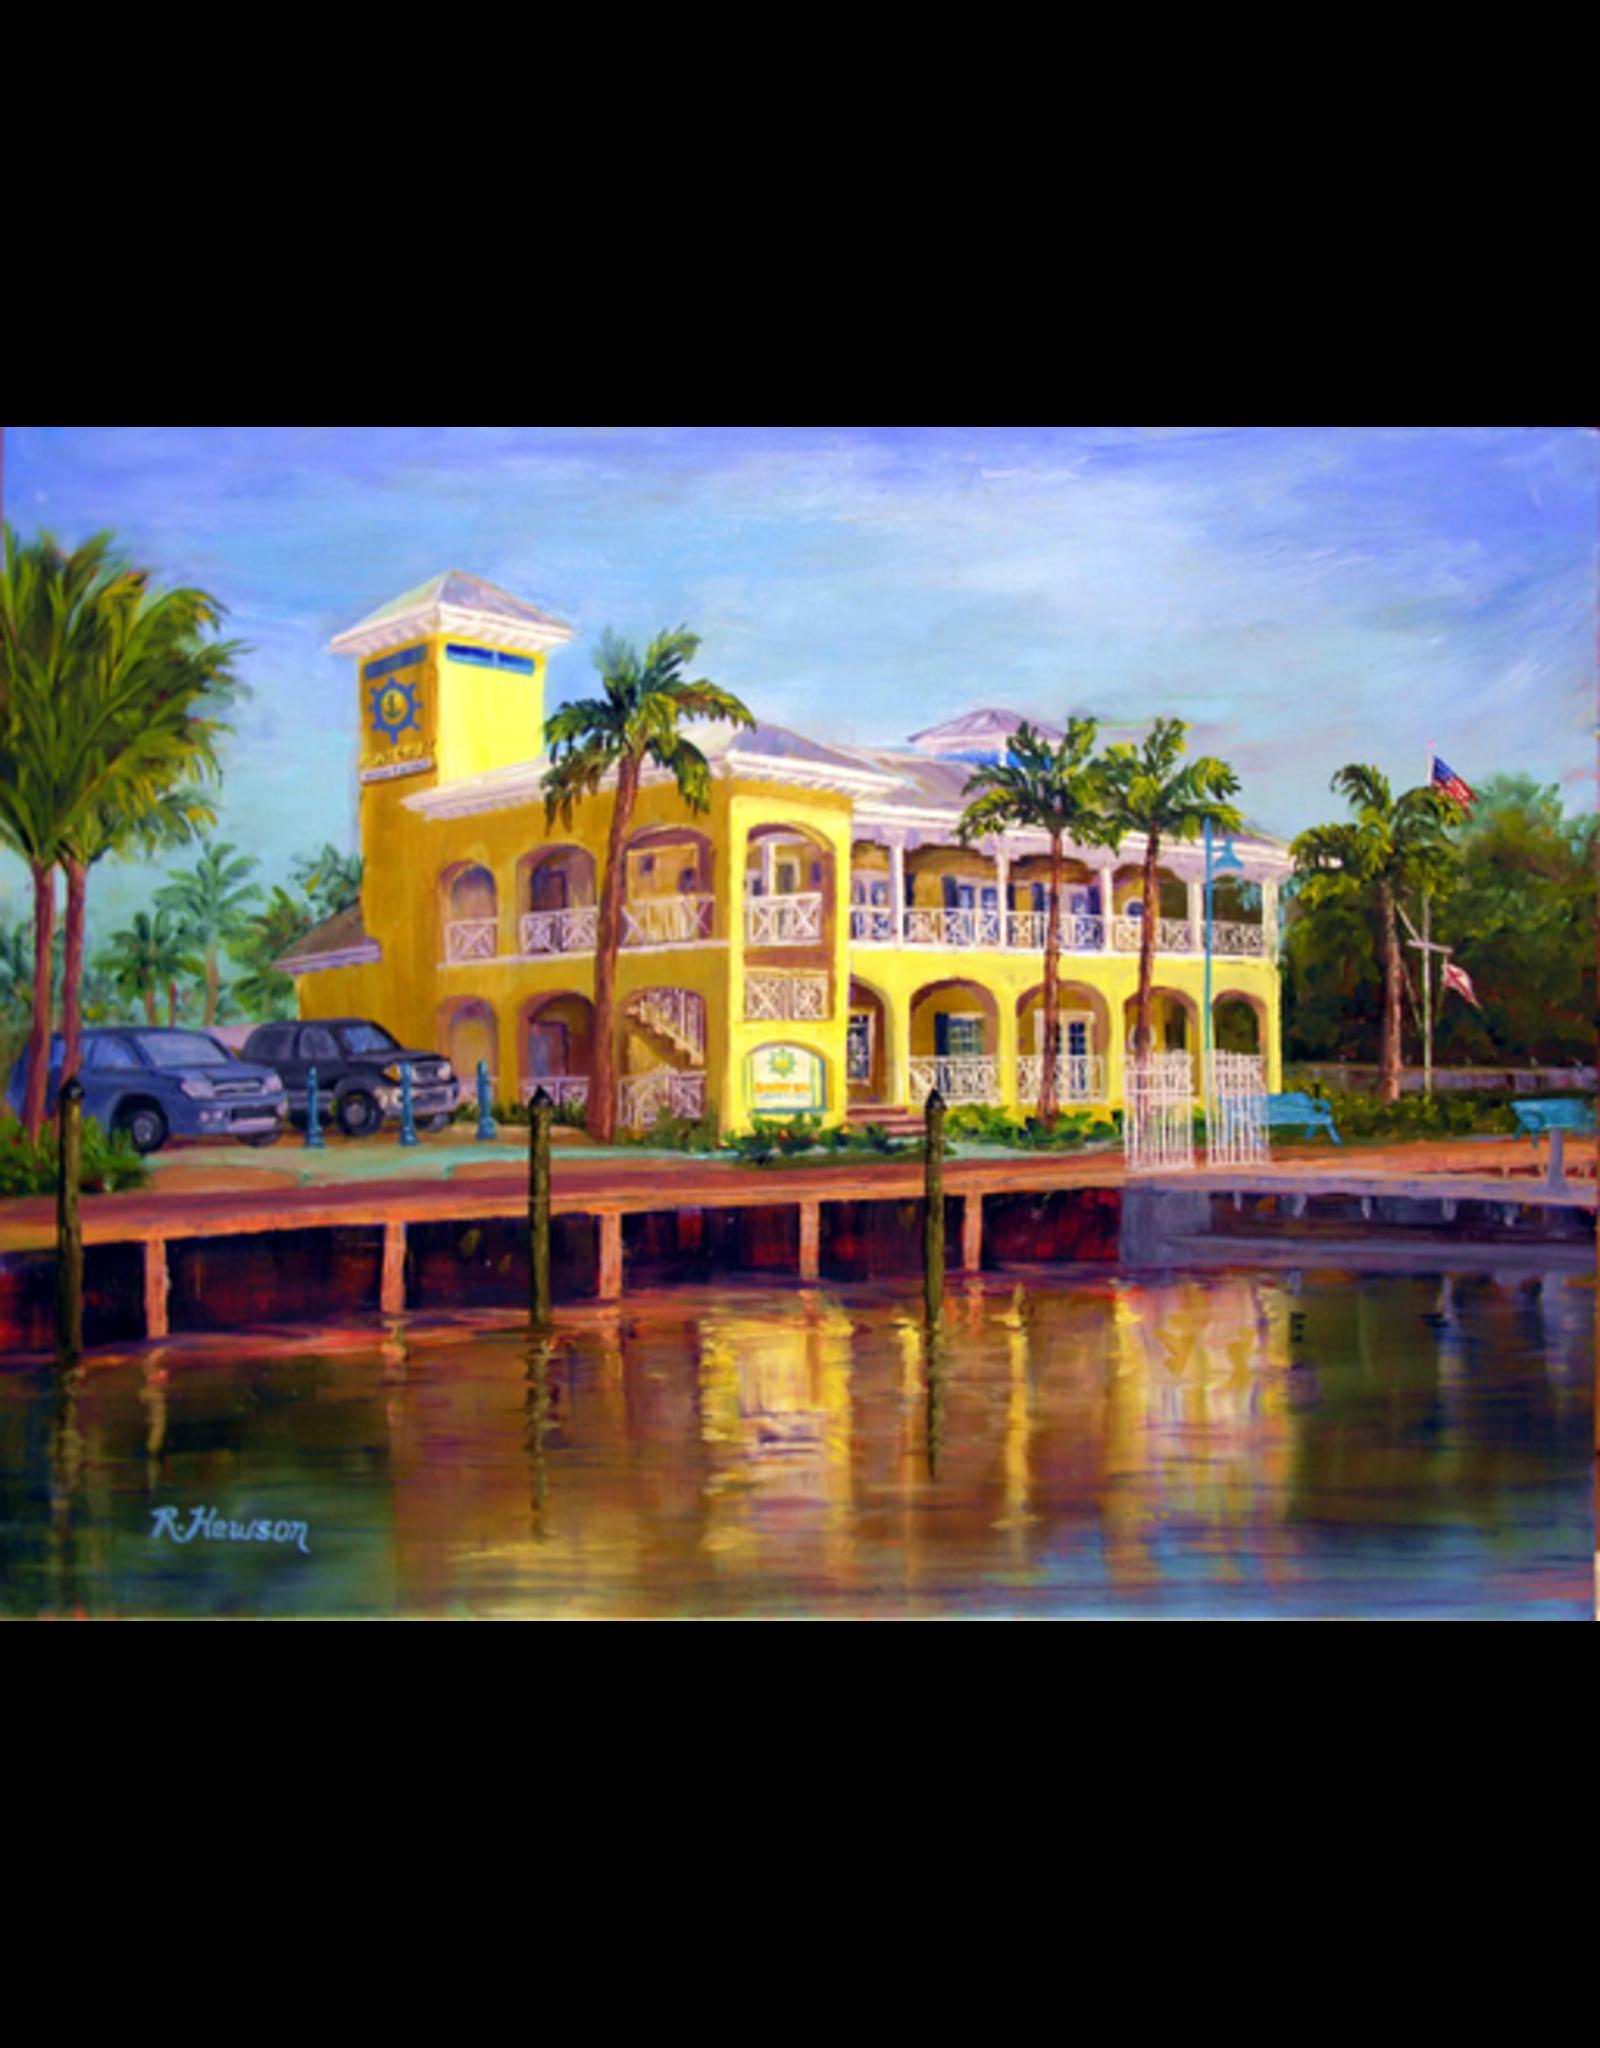 Ruthann Hewson Sunset Bay Marina (Print, Matted, 11x14)